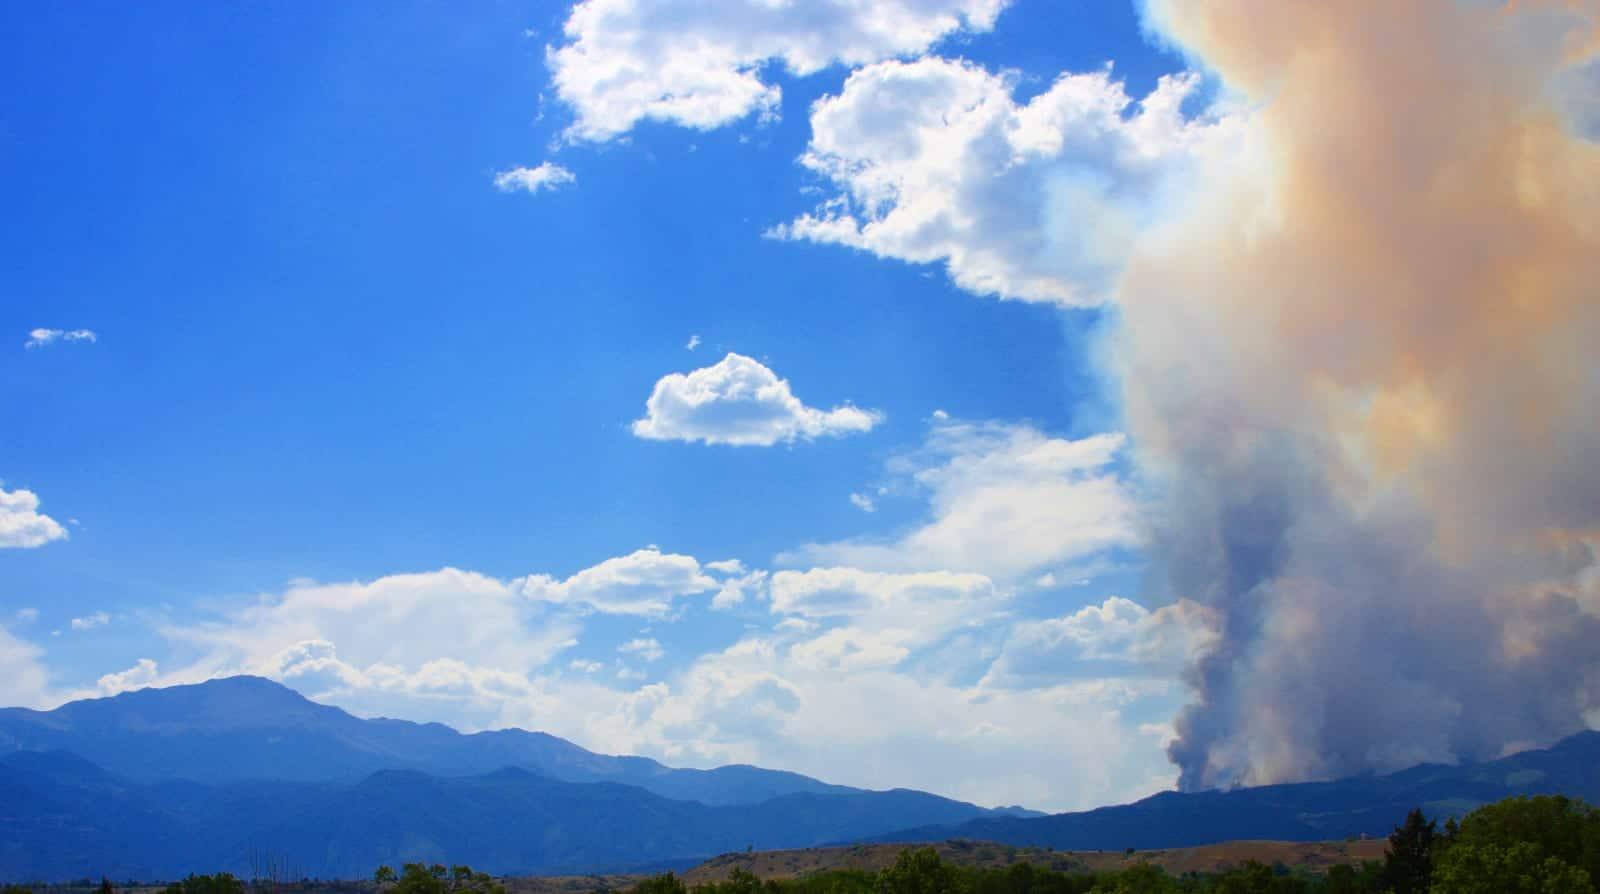 Waldo Canyon Fire Pyramid Mountain Smoke Colorado Springs